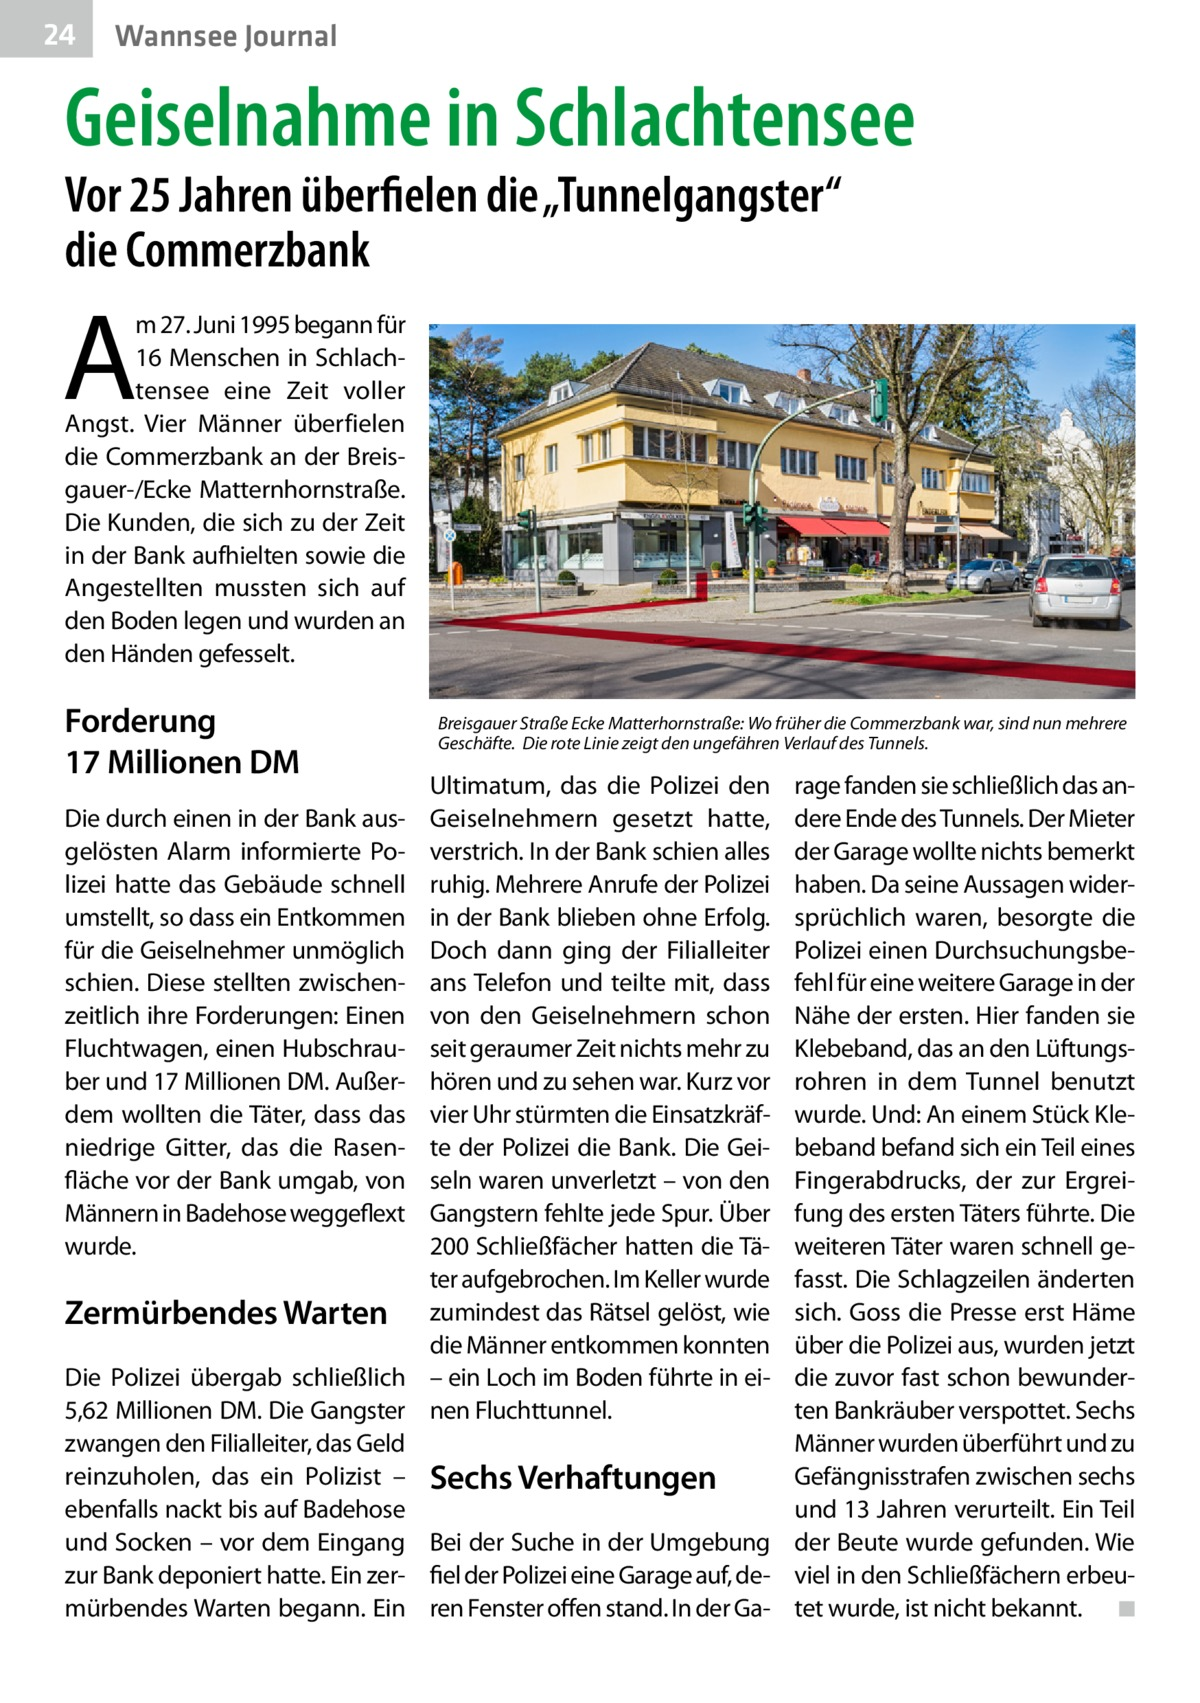 """24  Wannsee Journal  Geiselnahme in Schlachtensee Vor 25Jahren überfielen die """"Tunnelgangster"""" die Commerzbank  A  m 27.Juni 1995 begann für 16 Menschen in Schlachtensee eine Zeit voller Angst. Vier Männer überfielen die Commerzbank an der Breisgauer-/Ecke Matternhornstraße. Die Kunden, die sich zu der Zeit in der Bank aufhielten sowie die Angestellten mussten sich auf den Boden legen und wurden an den Händen gefesselt.  Forderung 17Millionen DM  Breisgauer Straße Ecke Matterhornstraße: Wo früher die Commerzbank war, sind nun mehrere Geschäfte. Die rote Linie zeigt den ungefähren Verlauf des Tunnels.  Ultimatum, das die Polizei den Geiselnehmern gesetzt hatte, verstrich. In der Bank schien alles ruhig. Mehrere Anrufe der Polizei in der Bank blieben ohne Erfolg. Doch dann ging der Filialleiter ans Telefon und teilte mit, dass von den Geiselnehmern schon seit geraumer Zeit nichts mehr zu hören und zu sehen war. Kurz vor vier Uhr stürmten die Einsatzkräfte der Polizei die Bank. Die Geiseln waren unverletzt – von den Gangstern fehlte jede Spur. Über 200Schließfächer hatten die Täter aufgebrochen. Im Keller wurde Zermürbendes Warten zumindest das Rätsel gelöst, wie die Männer entkommen konnten Die Polizei übergab schließlich – ein Loch im Boden führte in ei5,62Millionen DM. Die Gangster nen Fluchttunnel. zwangen den Filialleiter, das Geld reinzuholen, das ein Polizist – Sechs Verhaftungen ebenfalls nackt bis auf Badehose und Socken – vor dem Eingang Bei der Suche in der Umgebung zur Bank deponiert hatte. Ein zer- fiel der Polizei eine Garage auf, demürbendes Warten begann. Ein ren Fenster offen stand. In der GaDie durch einen in der Bank ausgelösten Alarm informierte Polizei hatte das Gebäude schnell umstellt, so dass ein Entkommen für die Geiselnehmer unmöglich schien. Diese stellten zwischenzeitlich ihre Forderungen: Einen Fluchtwagen, einen Hubschrauber und 17Millionen DM. Außerdem wollten die Täter, dass das niedrige Gitter, das die Rasenfläche vor der Bank umgab, vo"""